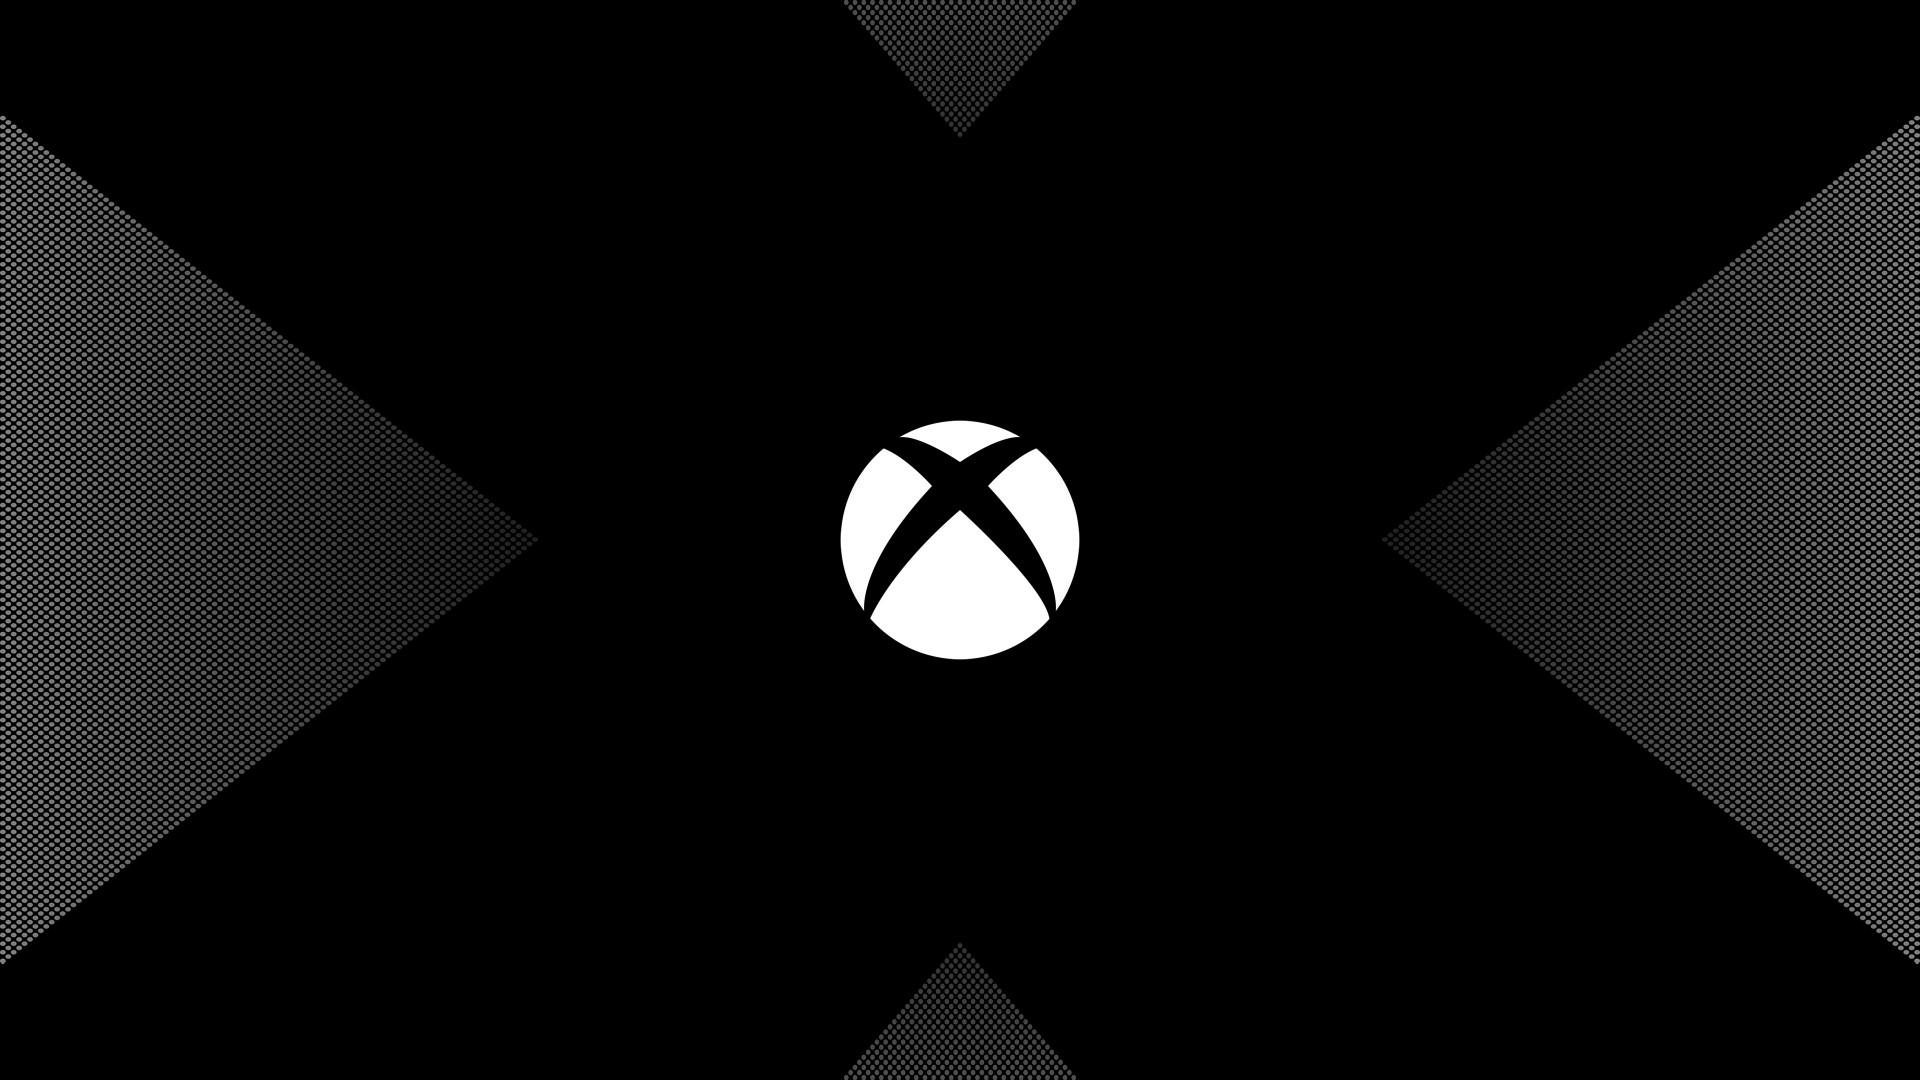 1080 X 1080 Logo Mussolini